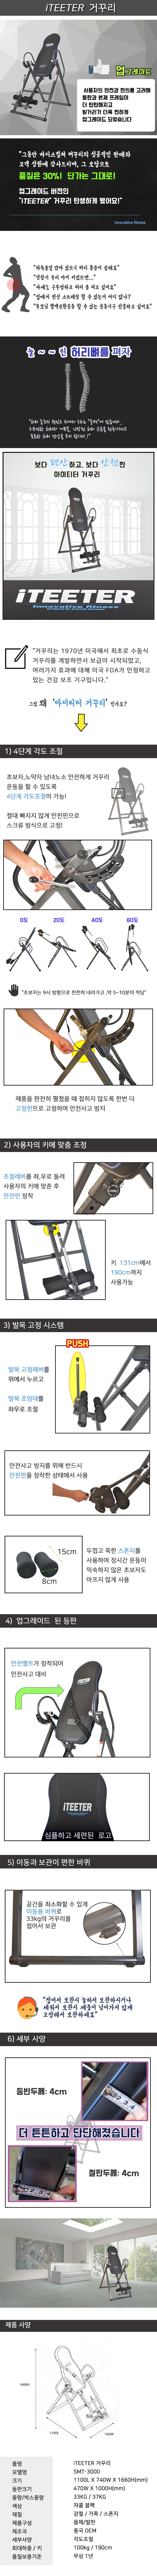 SMT-3000-detail.jpg